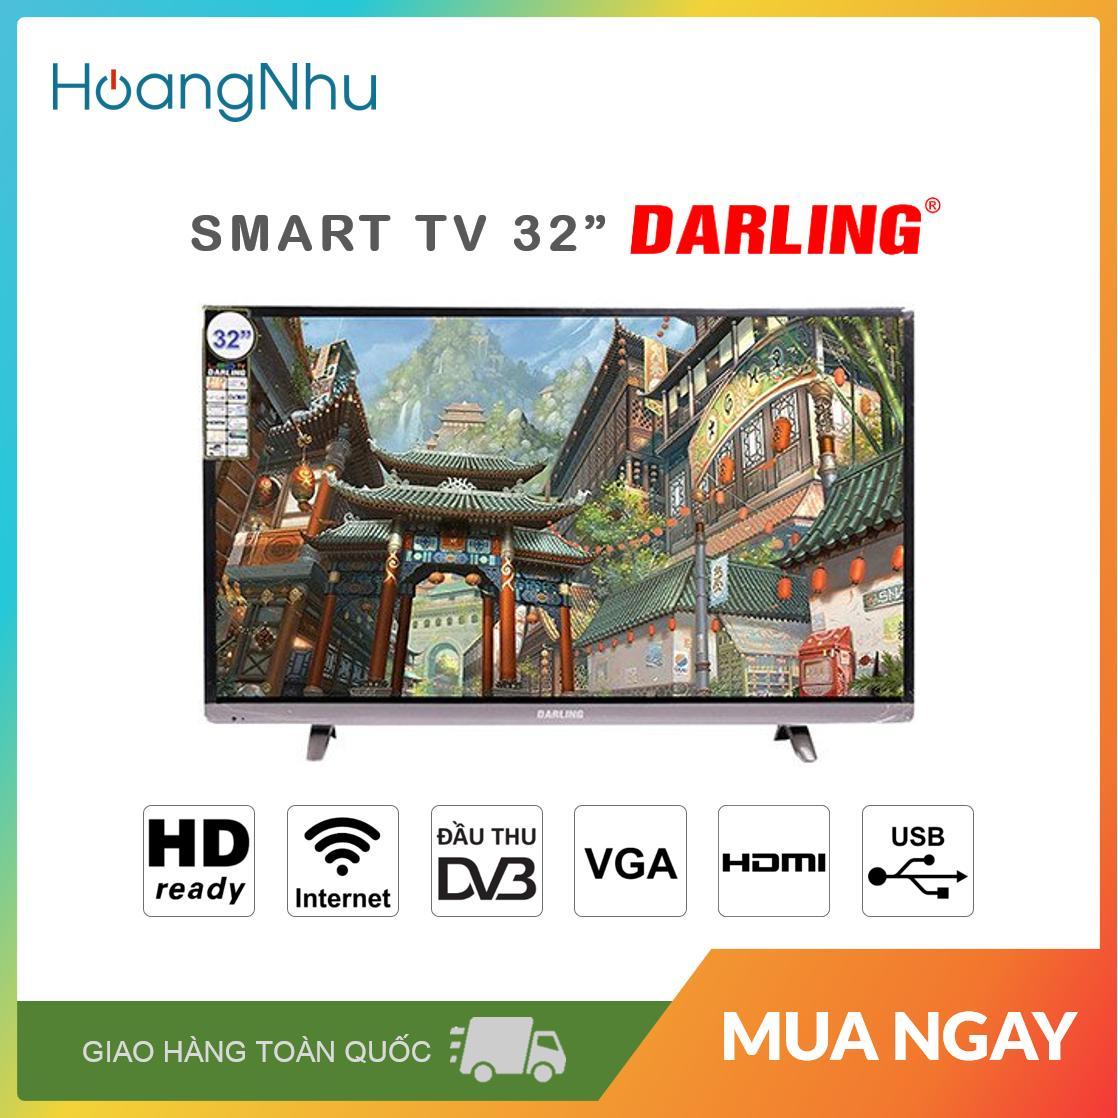 Smart Tivi Darling 32 inch Kết nối Internet Wifi Model 32HD960S1 / 32HD966S (mẫu nâng cấp của 32HD960S, HD Ready, Android 7.1.1, Truyền hình KTS, màu đen) - Bảo hành toàn quốc 2 năm